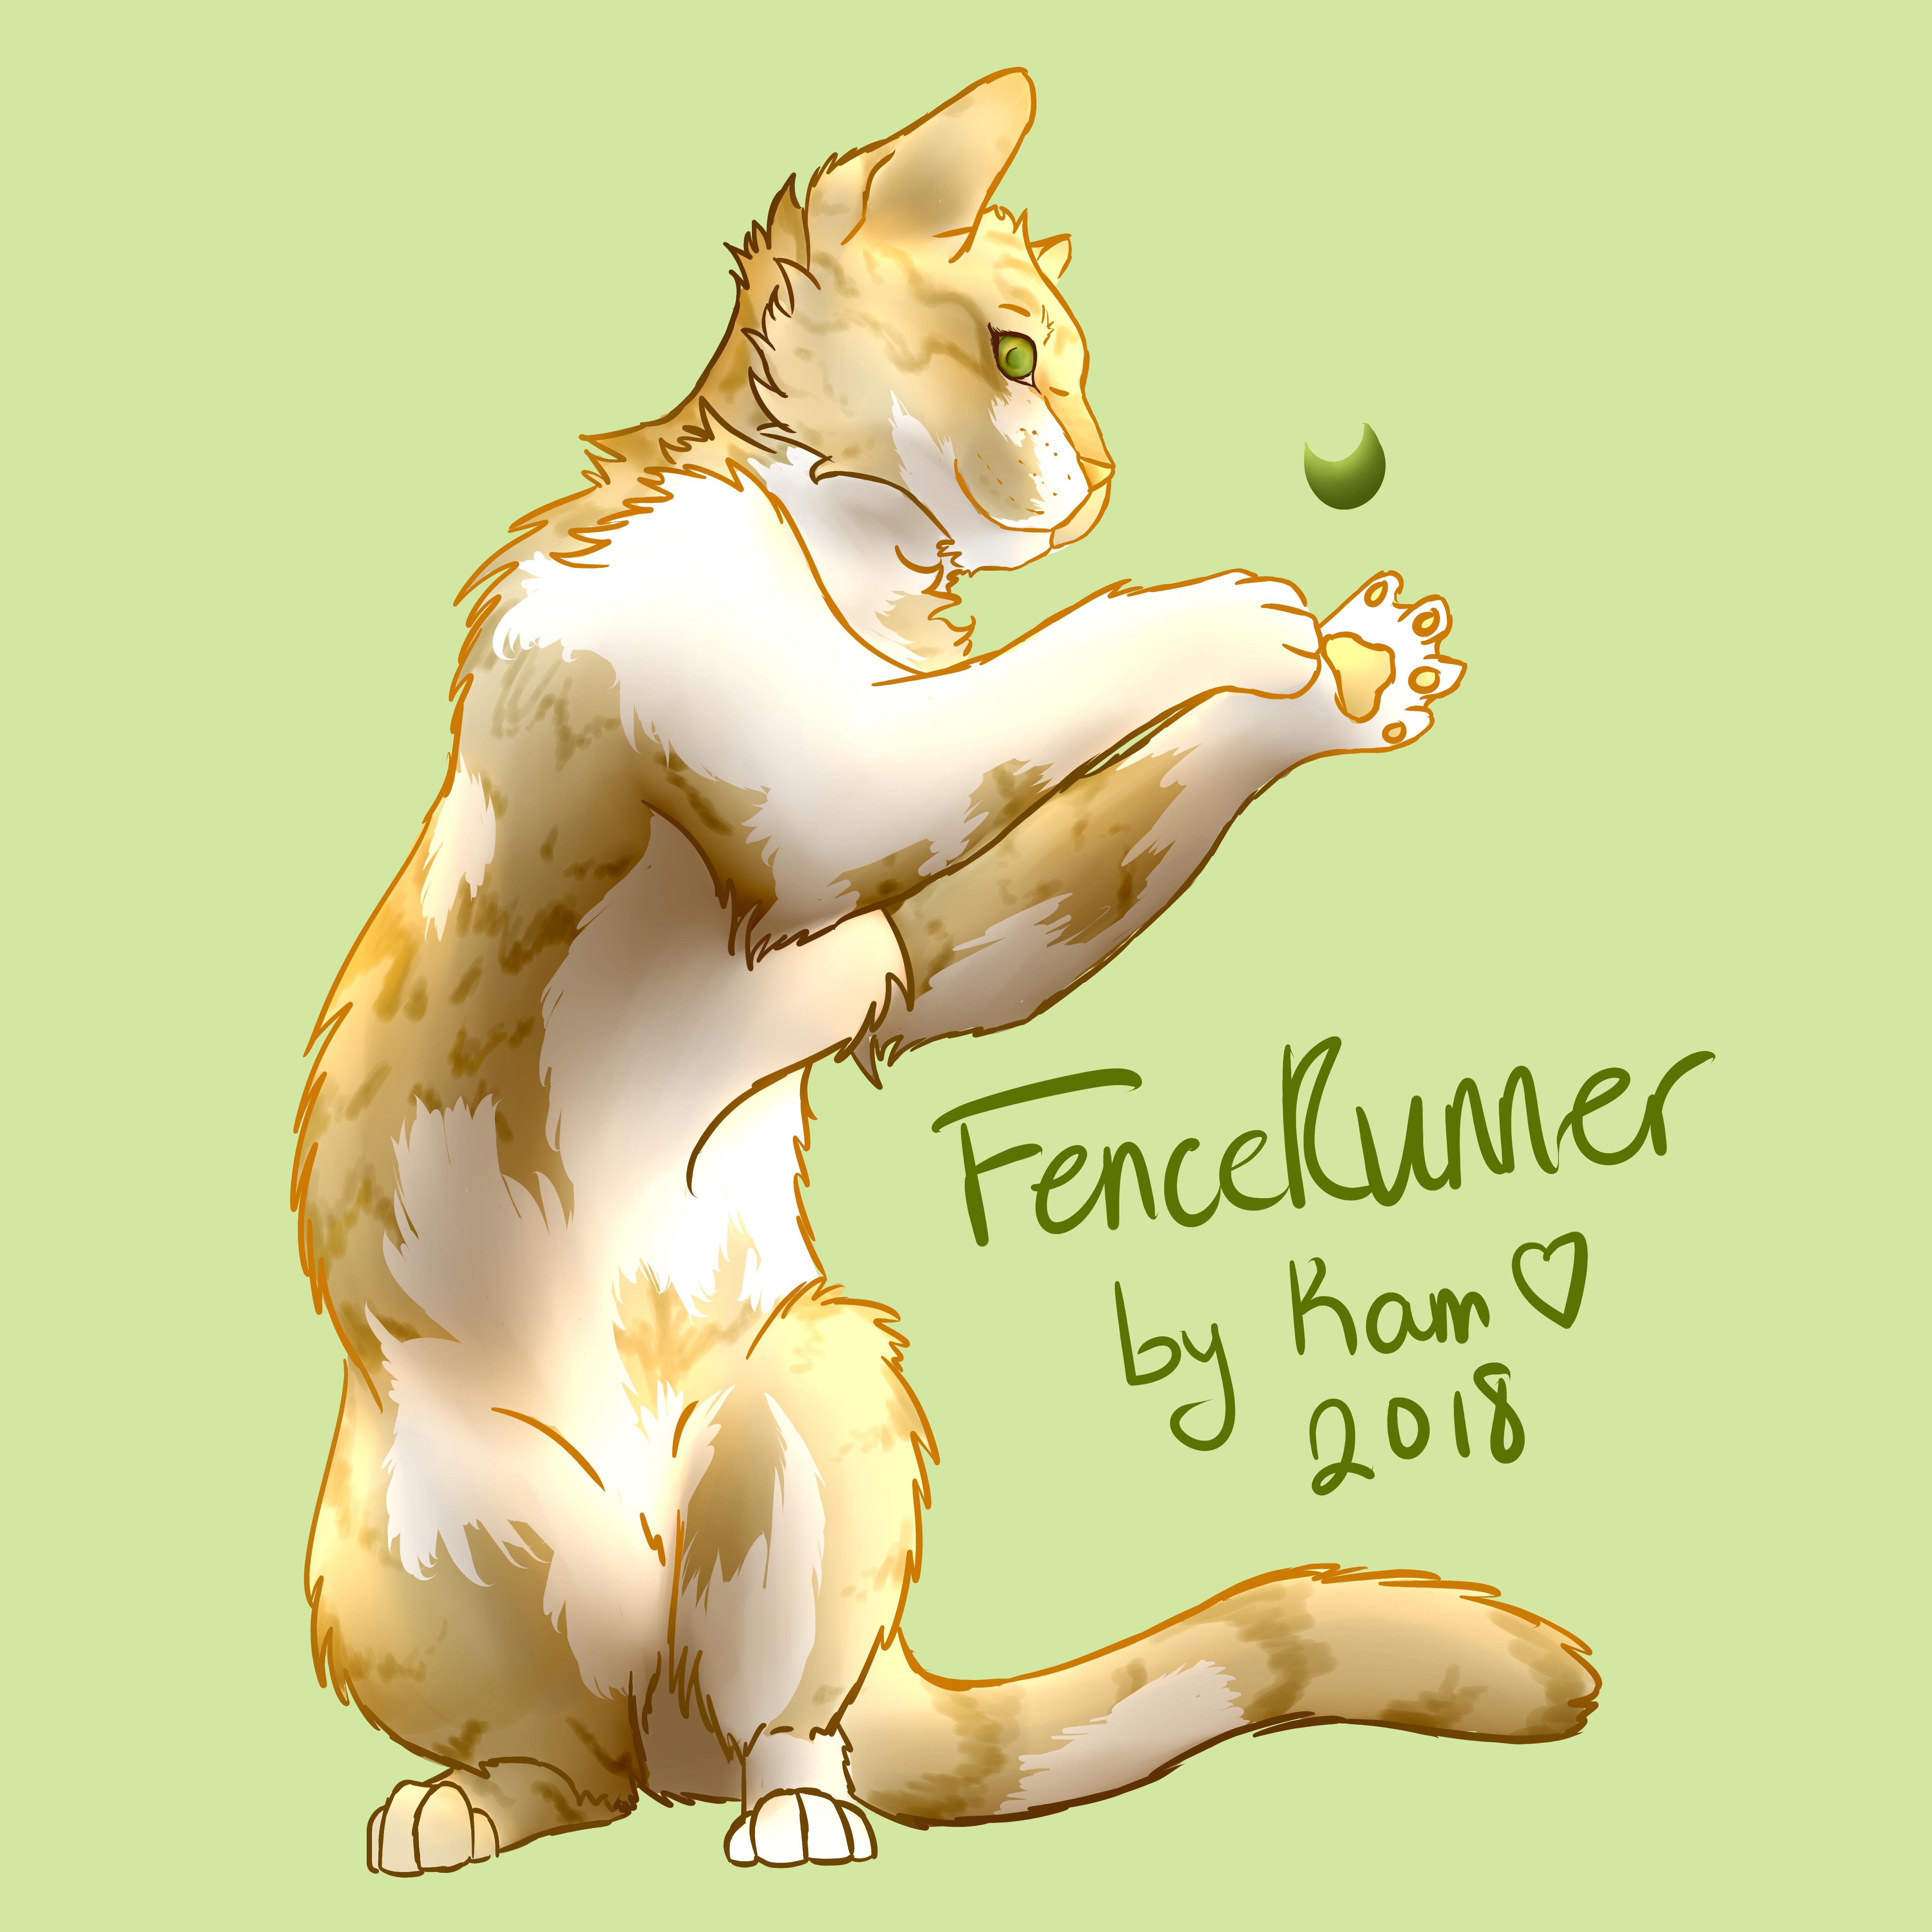 Fencerunner